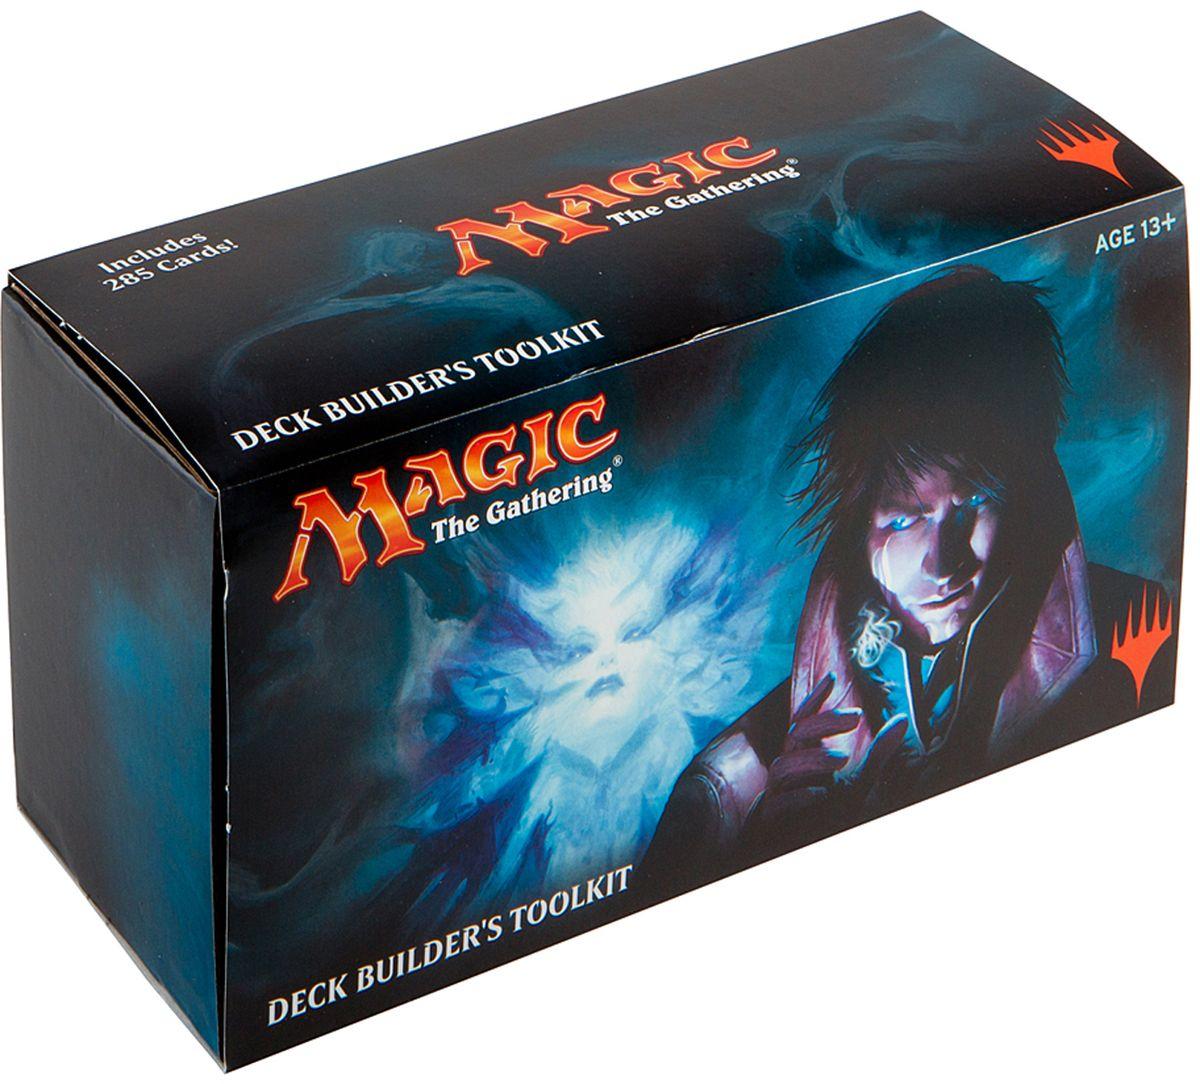 Magic: The Gathering Настольная игра Shadows over InnistradB62200000В комплект входят 100 базовых земель, 125 частых и необычных карт, и 4 бустера последних изданий, руководство по сбору колод, краткие правила игры, коробка для хранения карт. Все карты на английском языке.